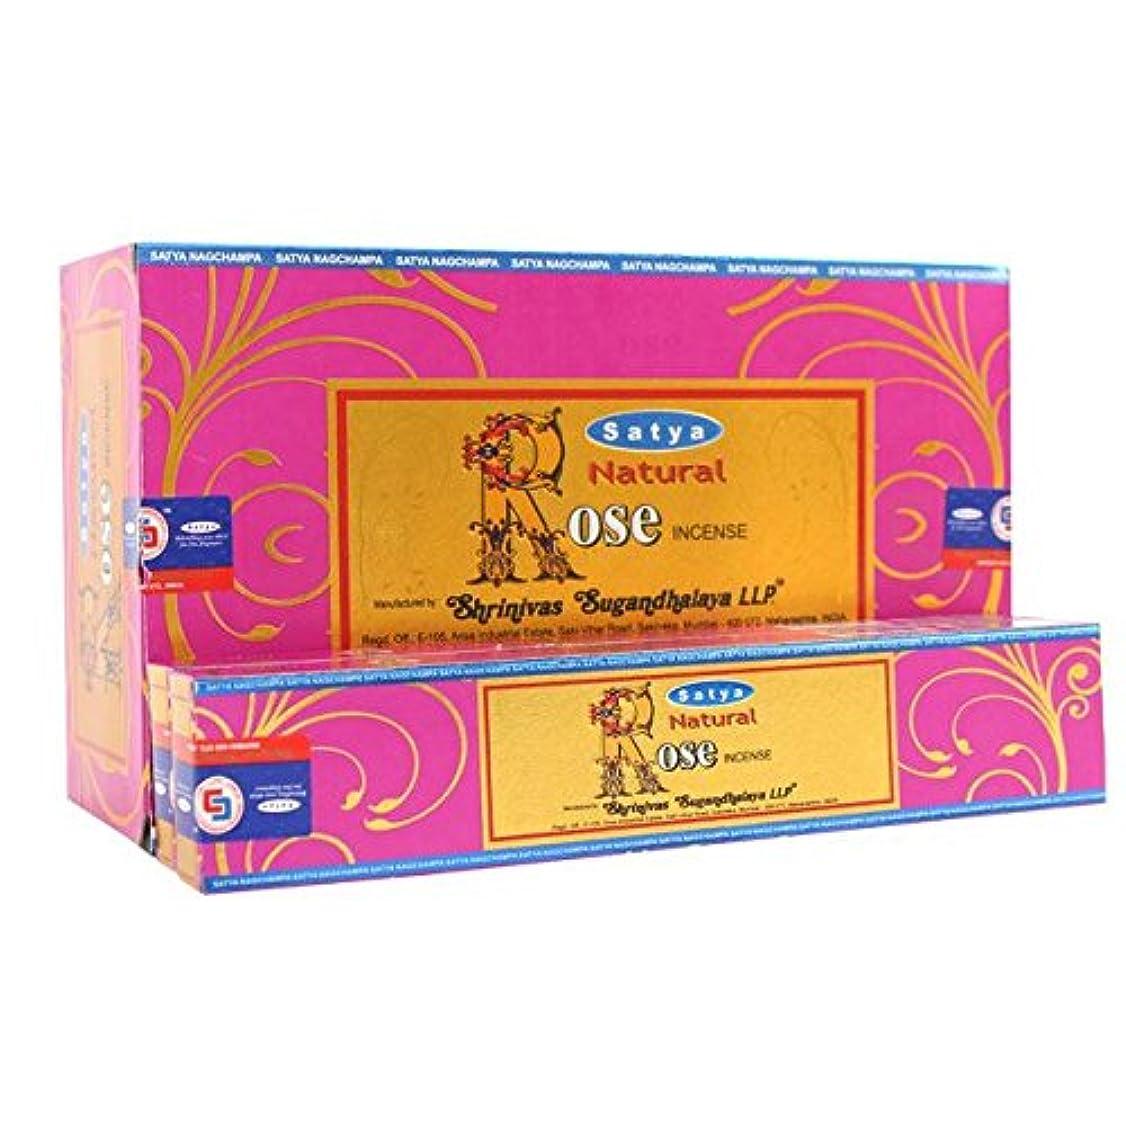 恩恵ペネロペ透過性Box Of 12 Packs Of Natural Rose Incense Sticks By Satya